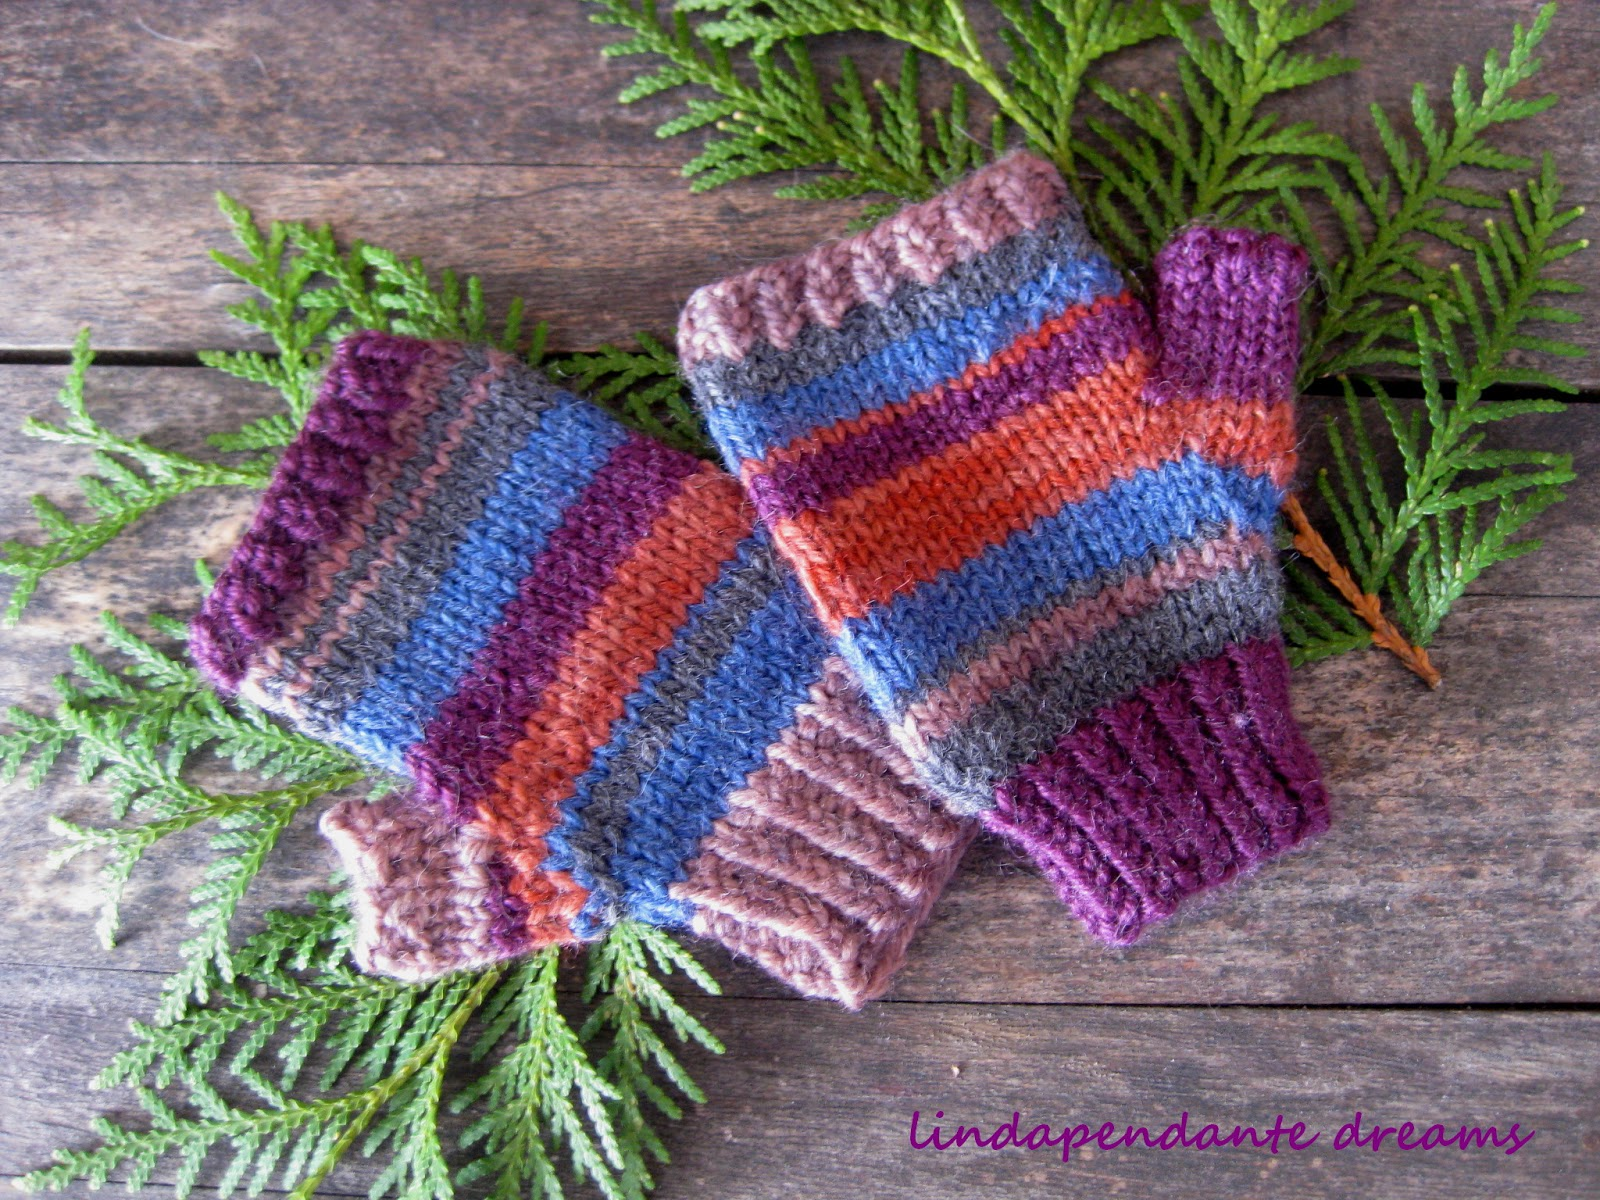 lindapendante dreams: Childrens Fingerless Gloves